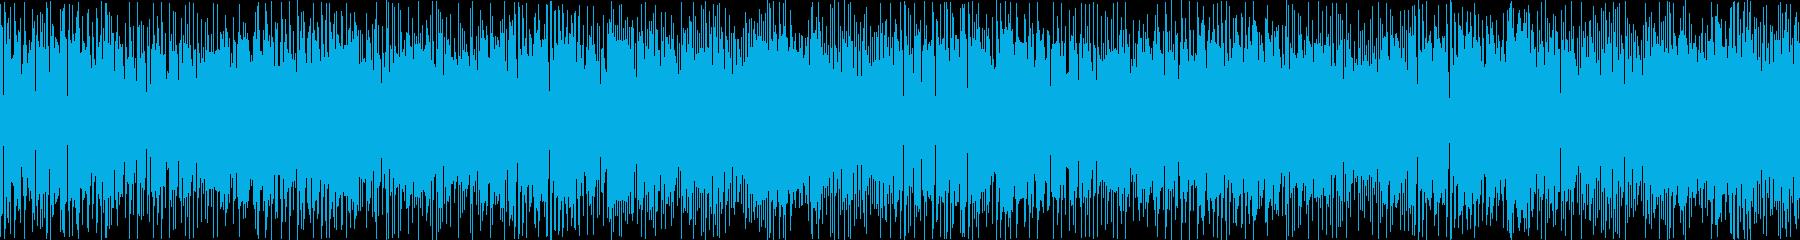 エレキピアノによるジャズ風のBGMです…の再生済みの波形